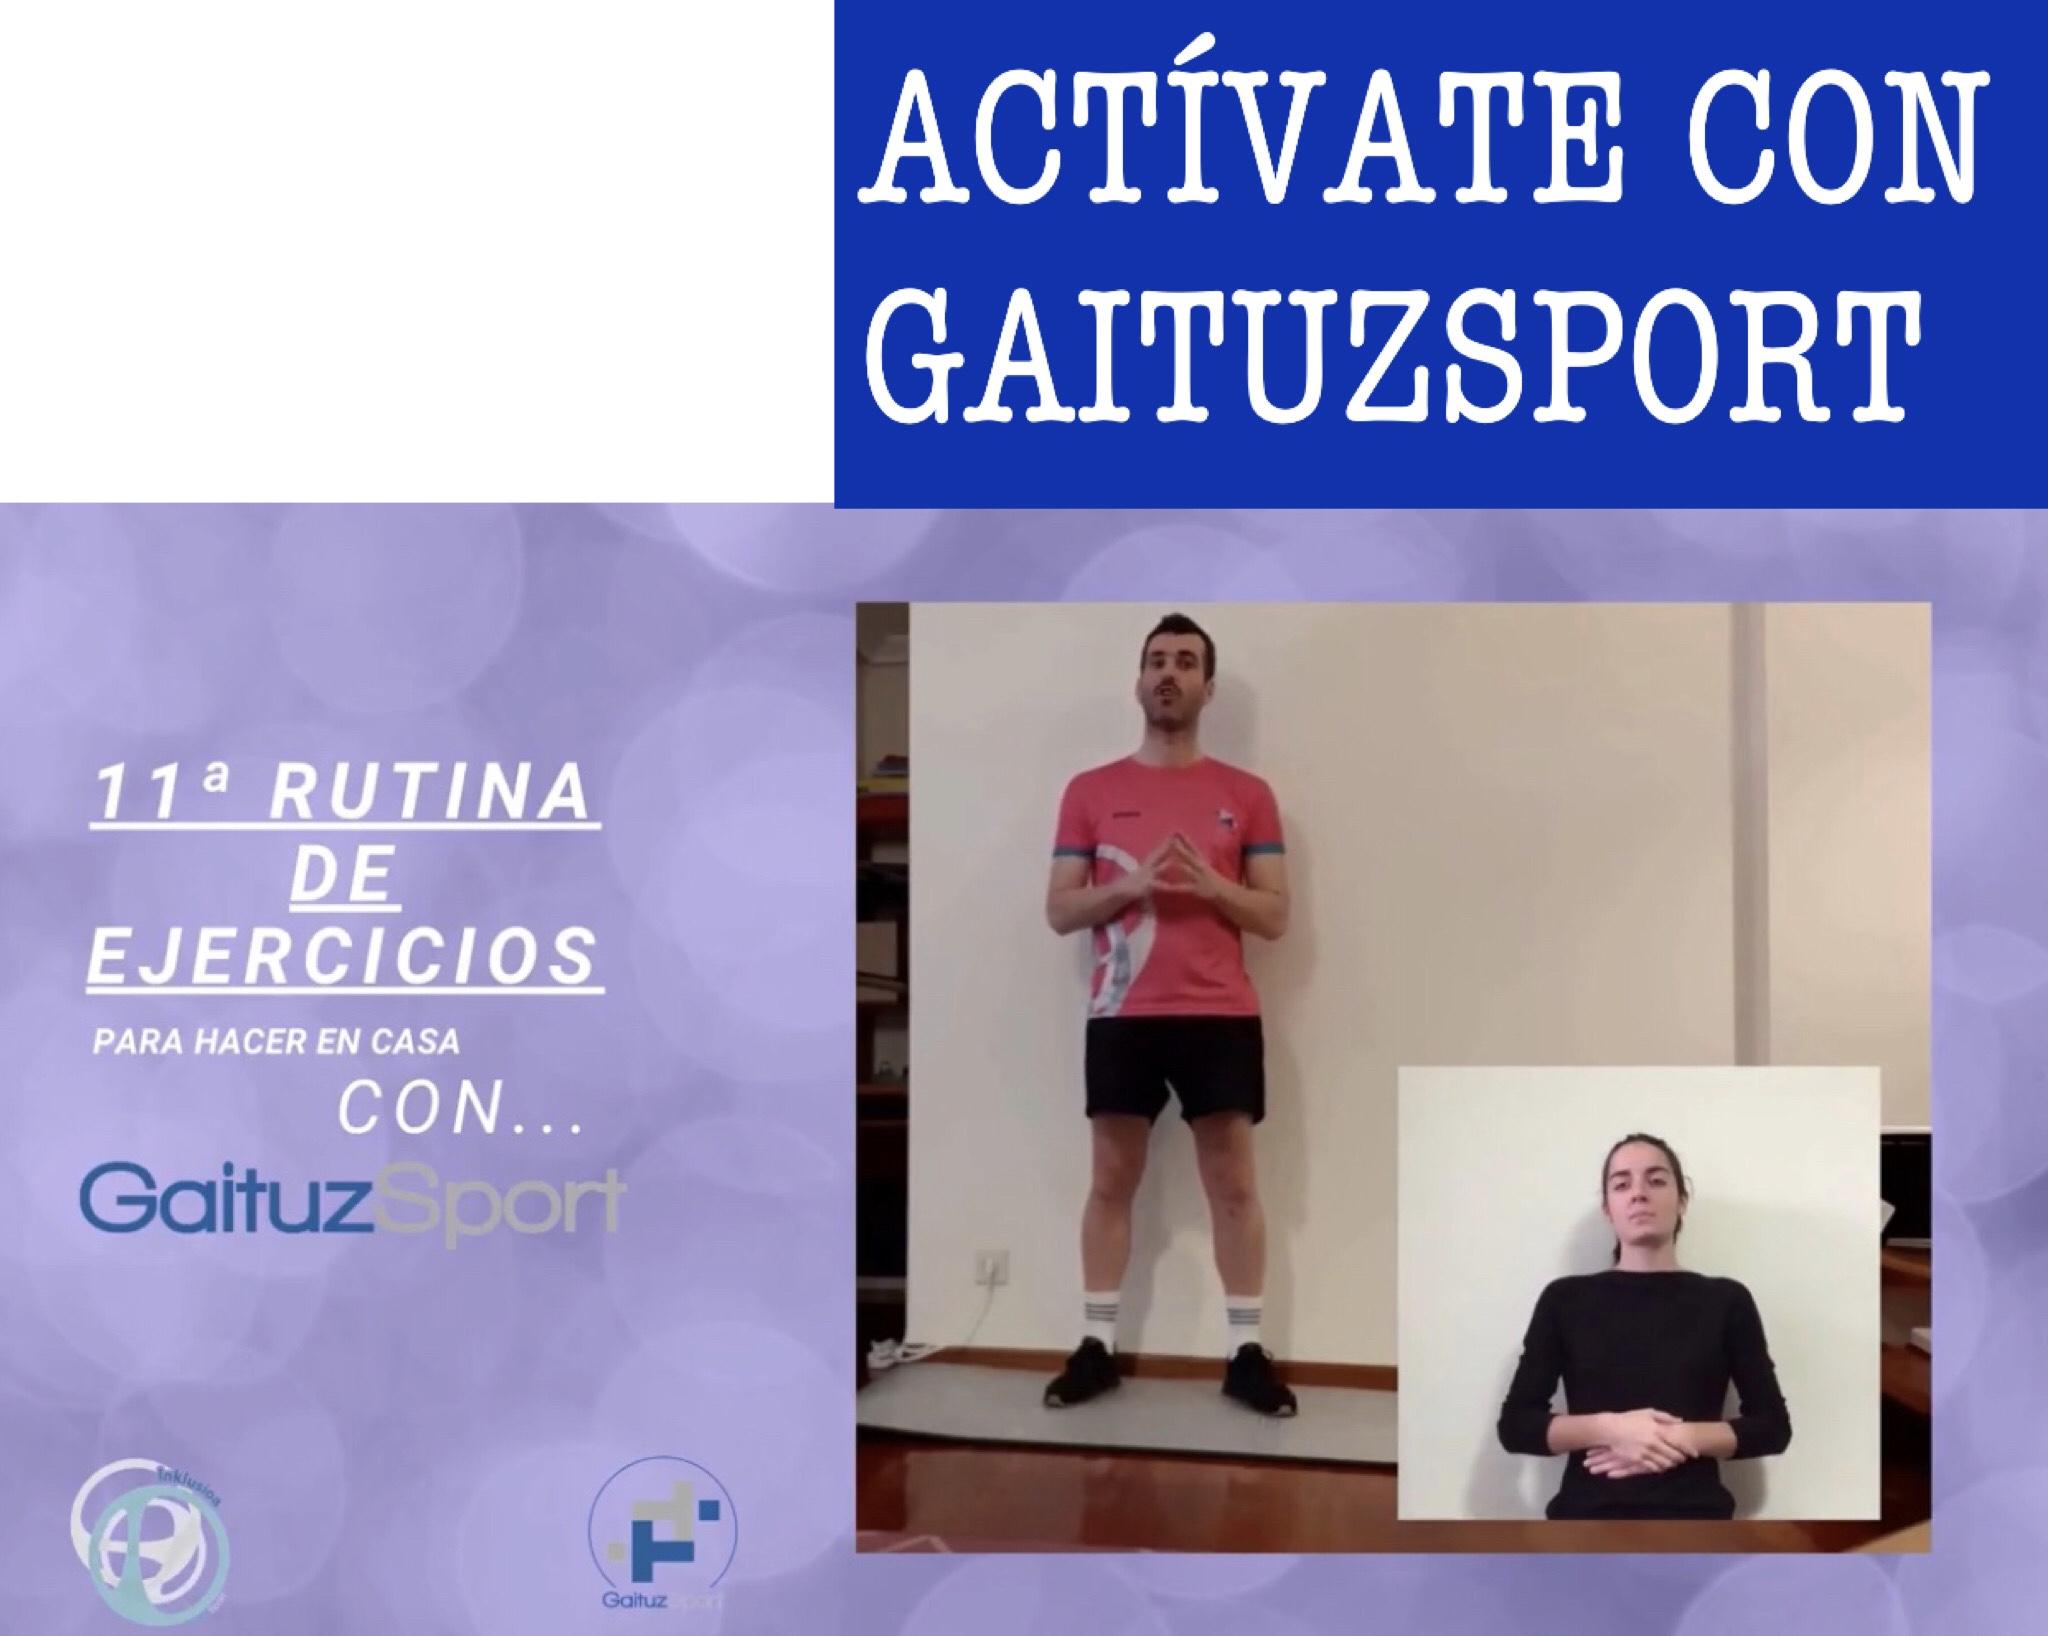 Rutina 11 Actívate con GaituzSport